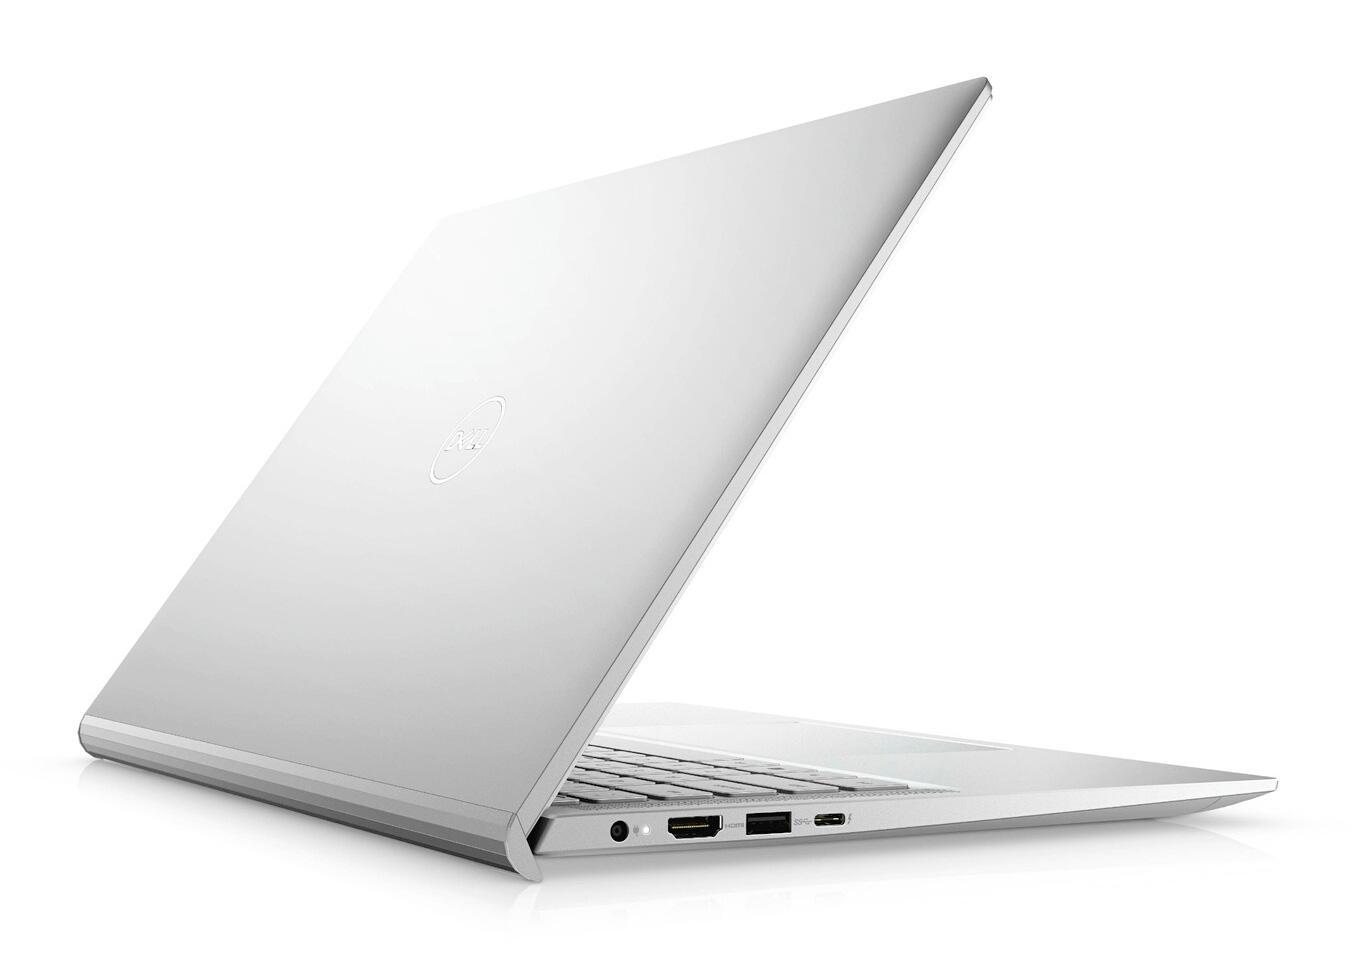 Image du PC portable Dell Inspiron 14 7400 Argent - QHD+, MX350, Core i7